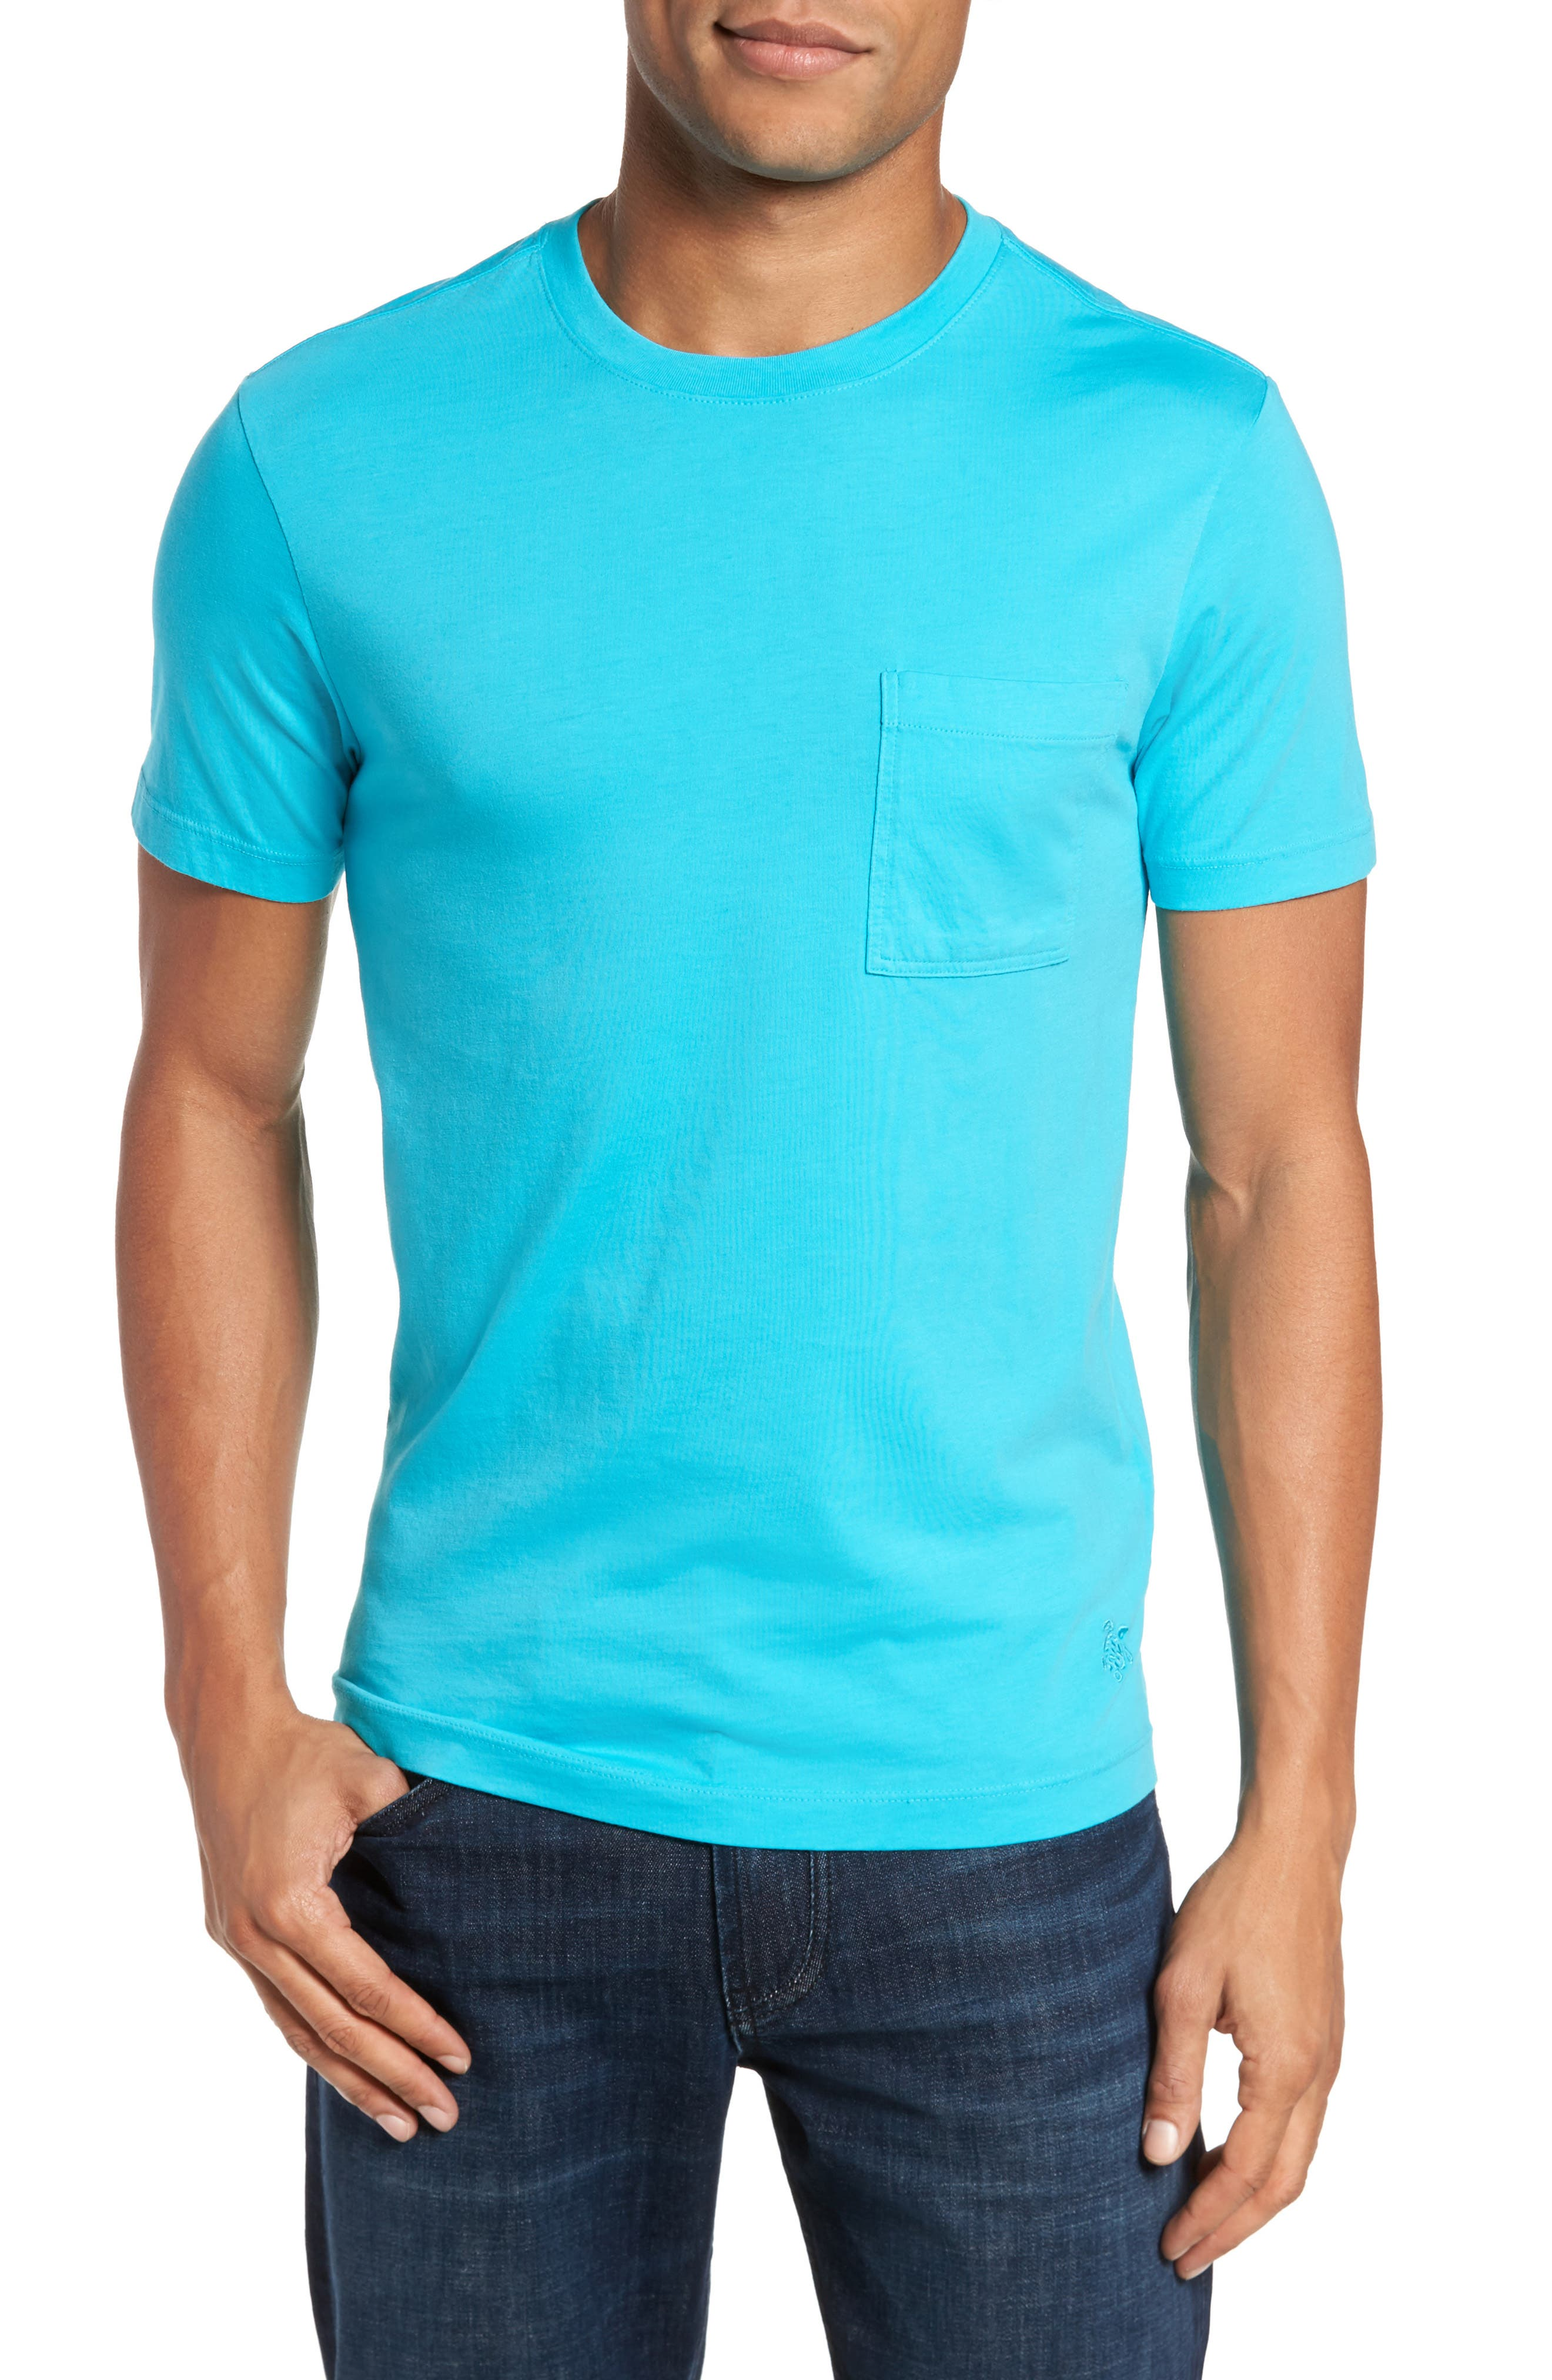 Vilebrequin Classic Fit Pocket T-Shirt